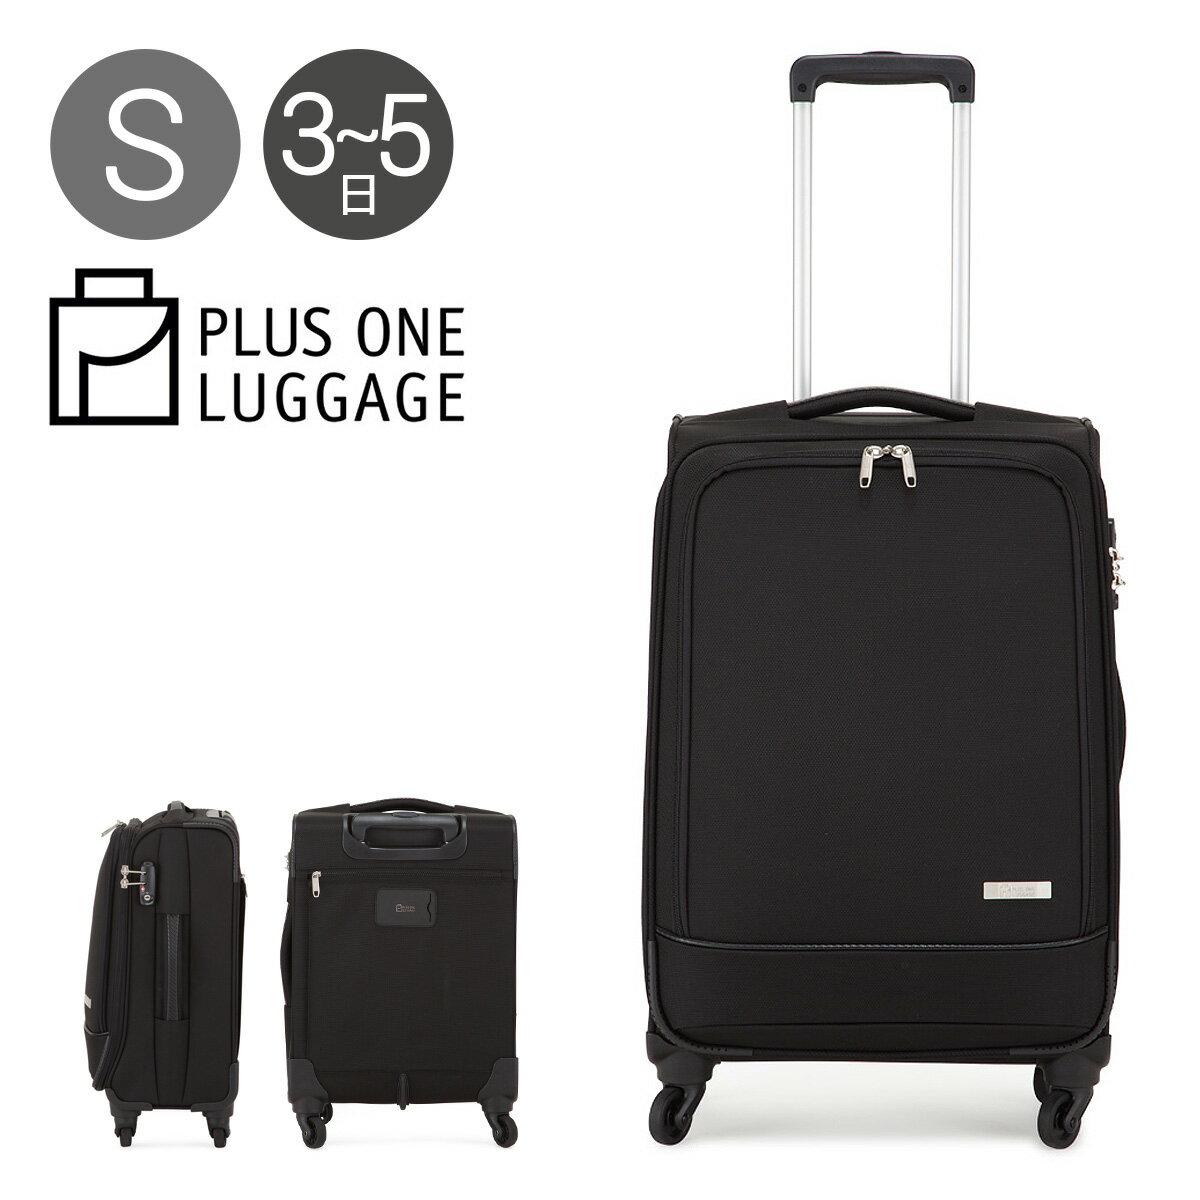 プラスワン スーツケース 3015-58 【 PLUSONE LUGGAGE キャリーケース キャリーバッグ ビジネスキャリー 出張 】